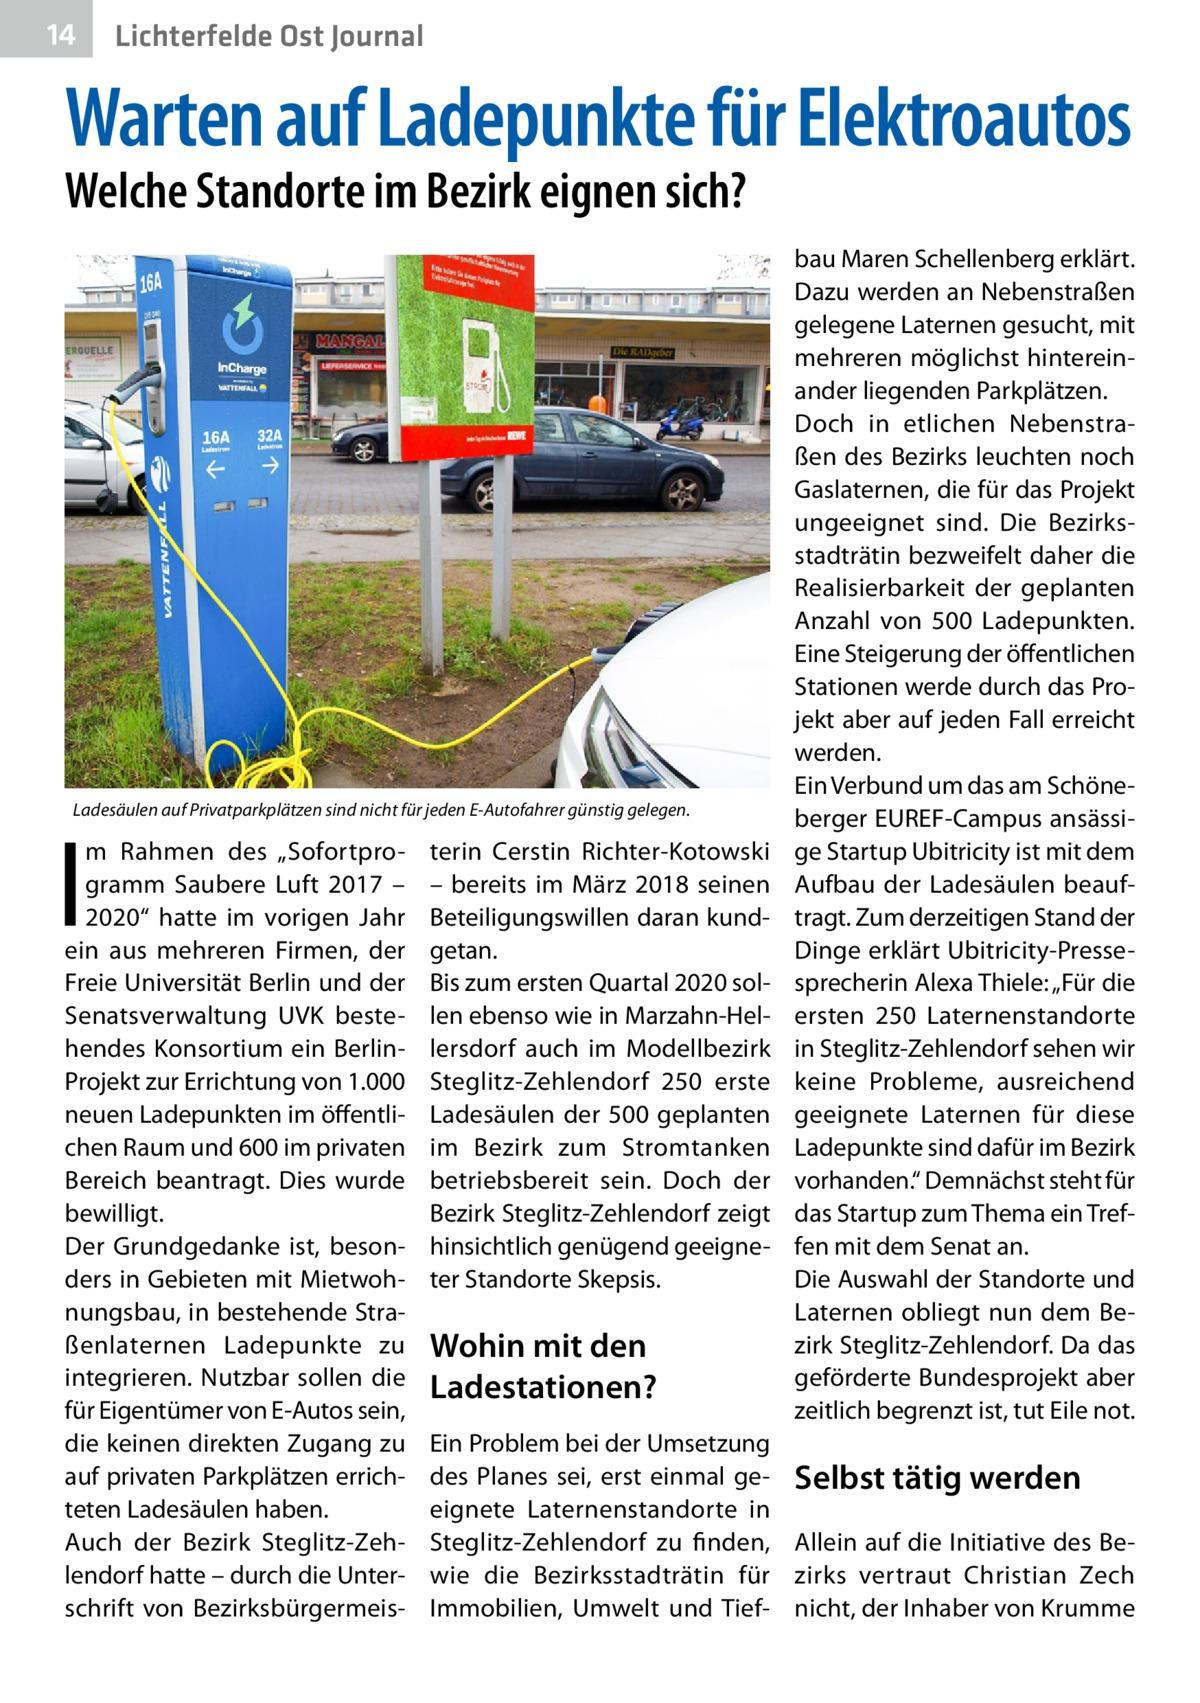 """14  Lichterfelde Ost Journal  Warten auf Ladepunkte für Elektroautos Welche Standorte im Bezirk eignen sich?  Ladesäulen auf Privatparkplätzen sind nicht für jeden E-Autofahrer günstig gelegen.  I  m Rahmen des """"Sofortprogramm Saubere Luft 2017 – 2020"""" hatte im vorigen Jahr ein aus mehreren Firmen, der Freie Universität Berlin und der Senatsverwaltung UVK bestehendes Konsortium ein BerlinProjekt zur Errichtung von 1.000 neuen Ladepunkten im öffentlichen Raum und 600 im privaten Bereich beantragt. Dies wurde bewilligt. Der Grundgedanke ist, besonders in Gebieten mit Mietwohnungsbau, in bestehende Straßenlaternen Ladepunkte zu integrieren. Nutzbar sollen die für Eigentümer von E-Autos sein, die keinen direkten Zugang zu auf privaten Parkplätzen errichteten Ladesäulen haben. Auch der Bezirk Steglitz-Zehlendorf hatte – durch die Unterschrift von Bezirksbürgermeis terin Cerstin Richter-Kotowski – bereits im März 2018 seinen Beteiligungswillen daran kundgetan. Bis zum ersten Quartal 2020 sollen ebenso wie in Marzahn-Hellersdorf auch im Modellbezirk Steglitz-Zehlendorf 250 erste Ladesäulen der 500 geplanten im Bezirk zum Stromtanken betriebsbereit sein. Doch der Bezirk Steglitz-Zehlendorf zeigt hinsichtlich genügend geeigneter Standorte Skepsis.  Wohin mit den Ladestationen?  bau Maren Schellenberg erklärt. Dazu werden an Nebenstraßen gelegene Laternen gesucht, mit mehreren möglichst hintereinander liegenden Parkplätzen. Doch in etlichen Nebenstraßen des Bezirks leuchten noch Gaslaternen, die für das Projekt ungeeignet sind. Die Bezirksstadträtin bezweifelt daher die Realisierbarkeit der geplanten Anzahl von 500 Ladepunkten. Eine Steigerung der öffentlichen Stationen werde durch das Projekt aber auf jeden Fall erreicht werden. Ein Verbund um das am Schöneberger EUREF-Campus ansässige Startup Ubitricity ist mit dem Aufbau der Ladesäulen beauftragt. Zum derzeitigen Stand der Dinge erklärt Ubitricity-Pressesprecherin Alexa Thiele: """"Für die ersten 250 Laternenstandorte in Steg"""